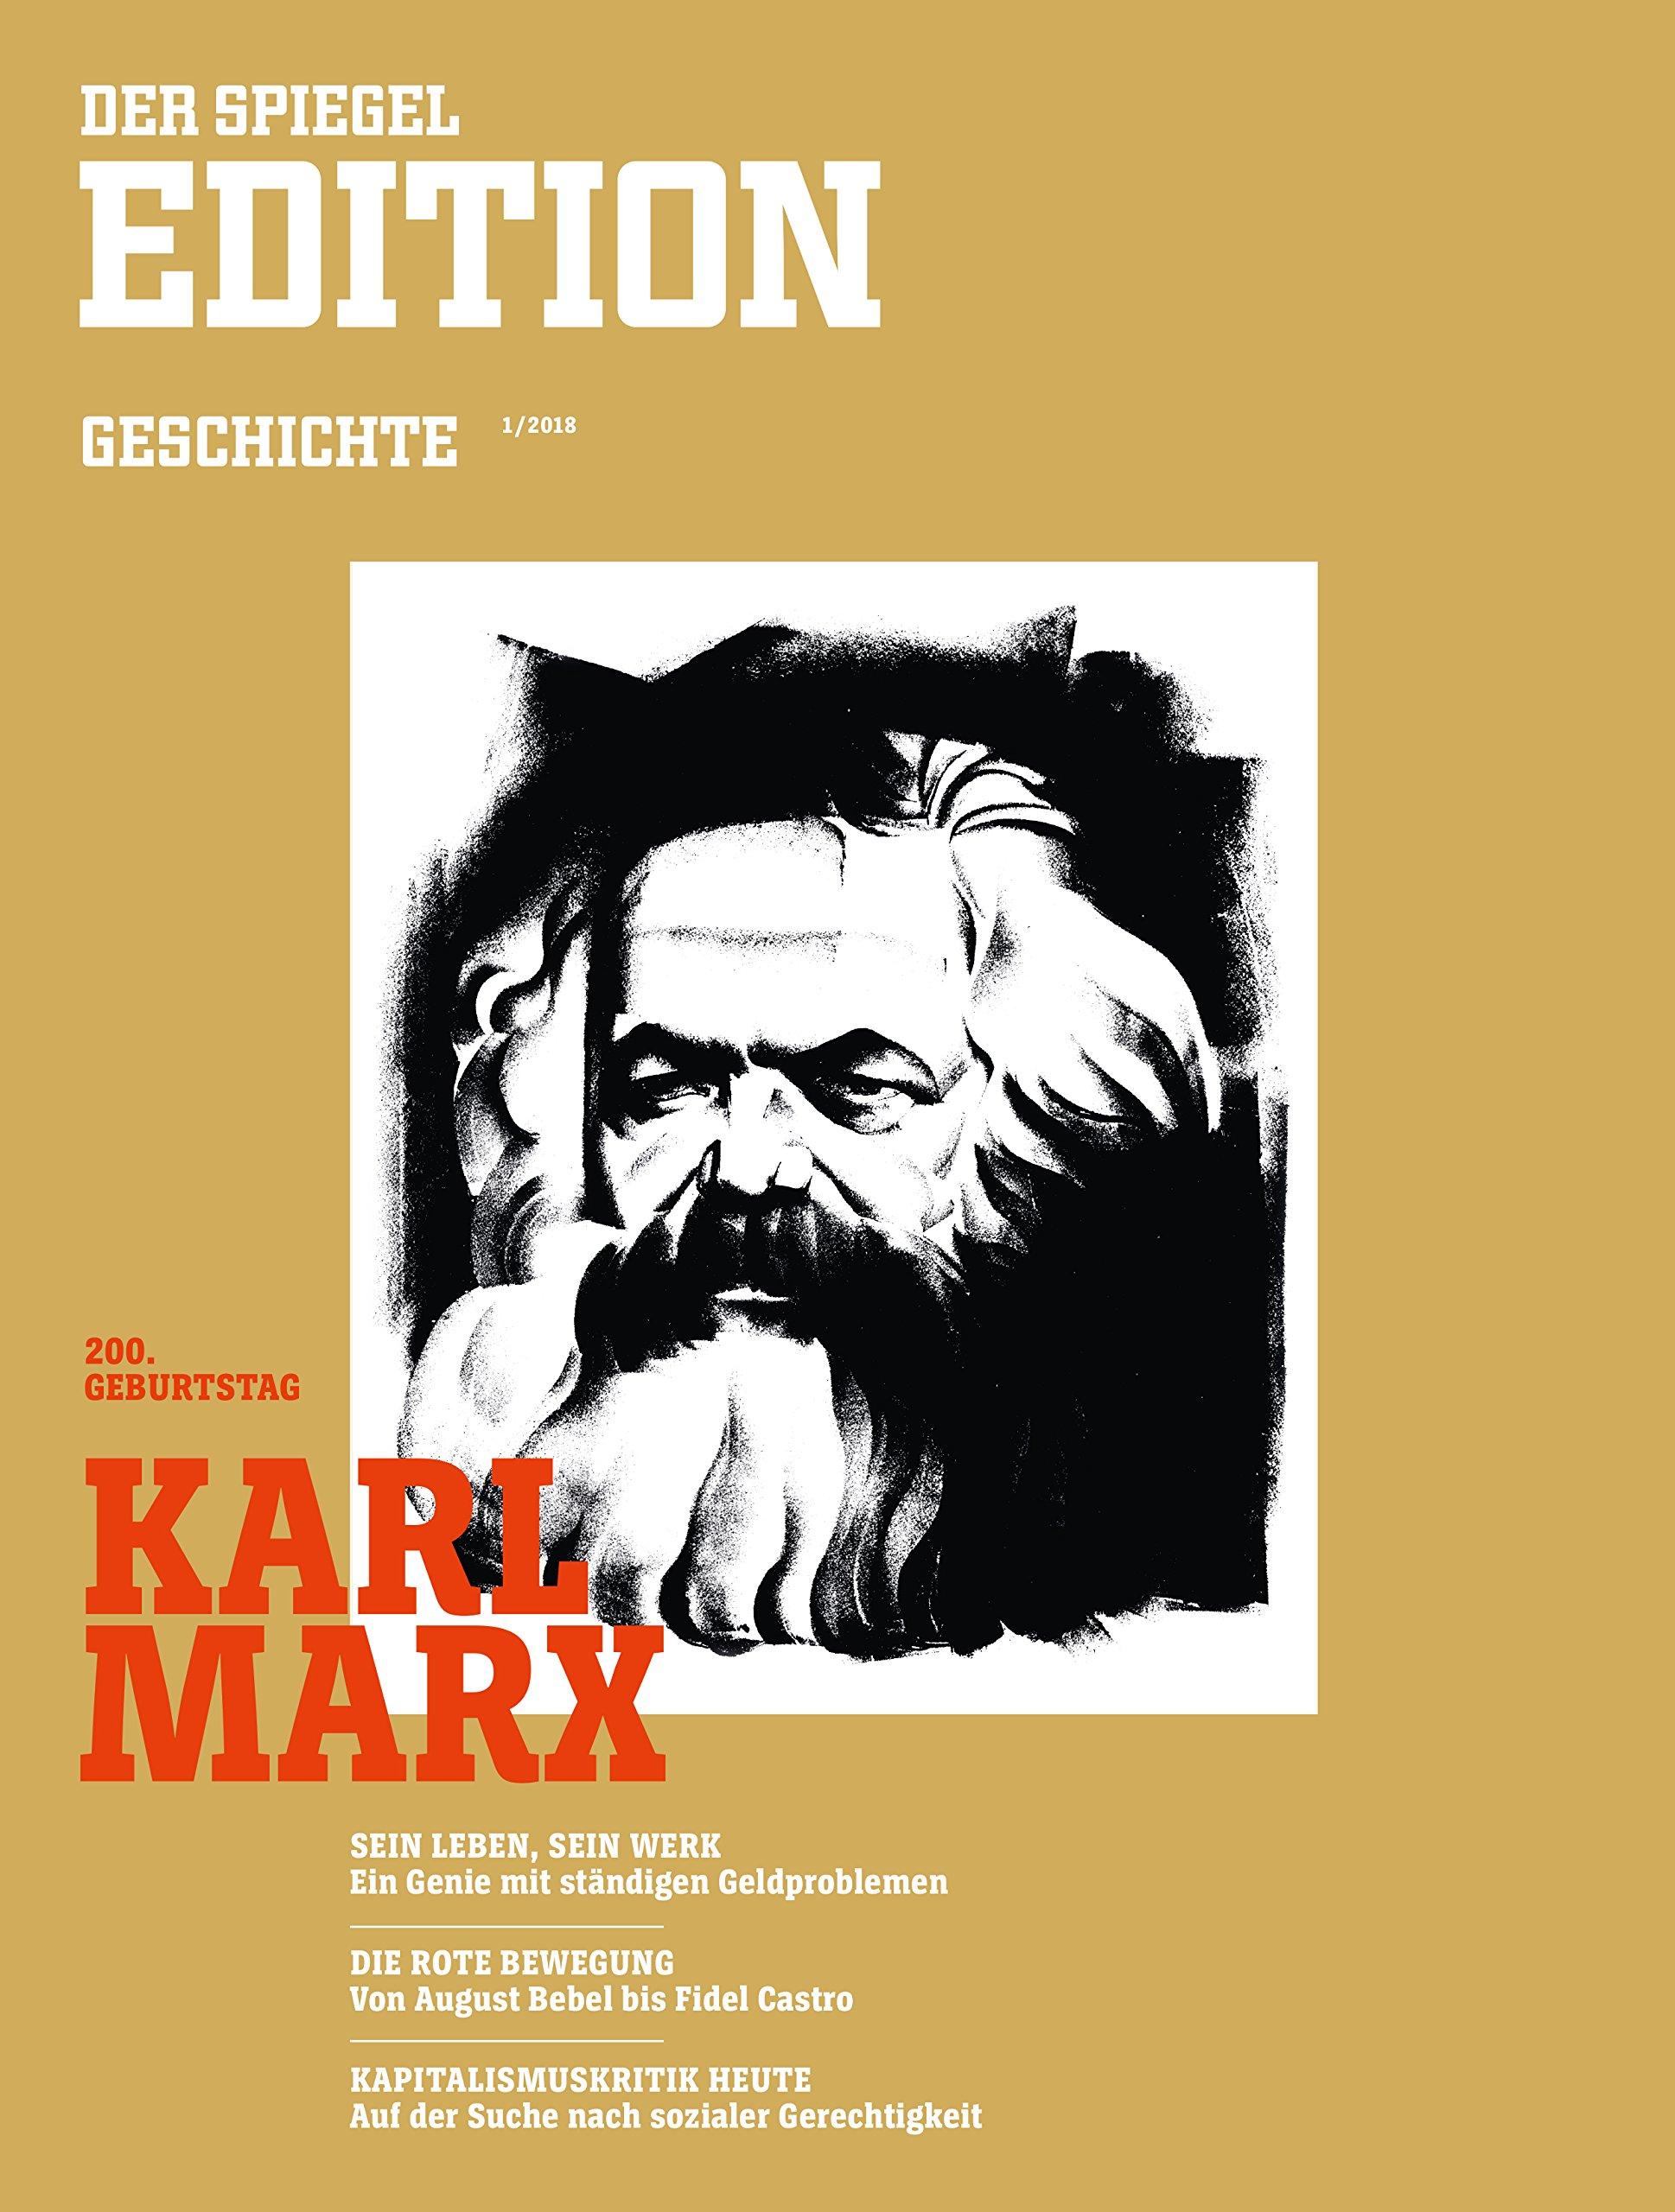 DER SPIEGEL EDITION GESCHICHTE 1/2018: Karl Marx